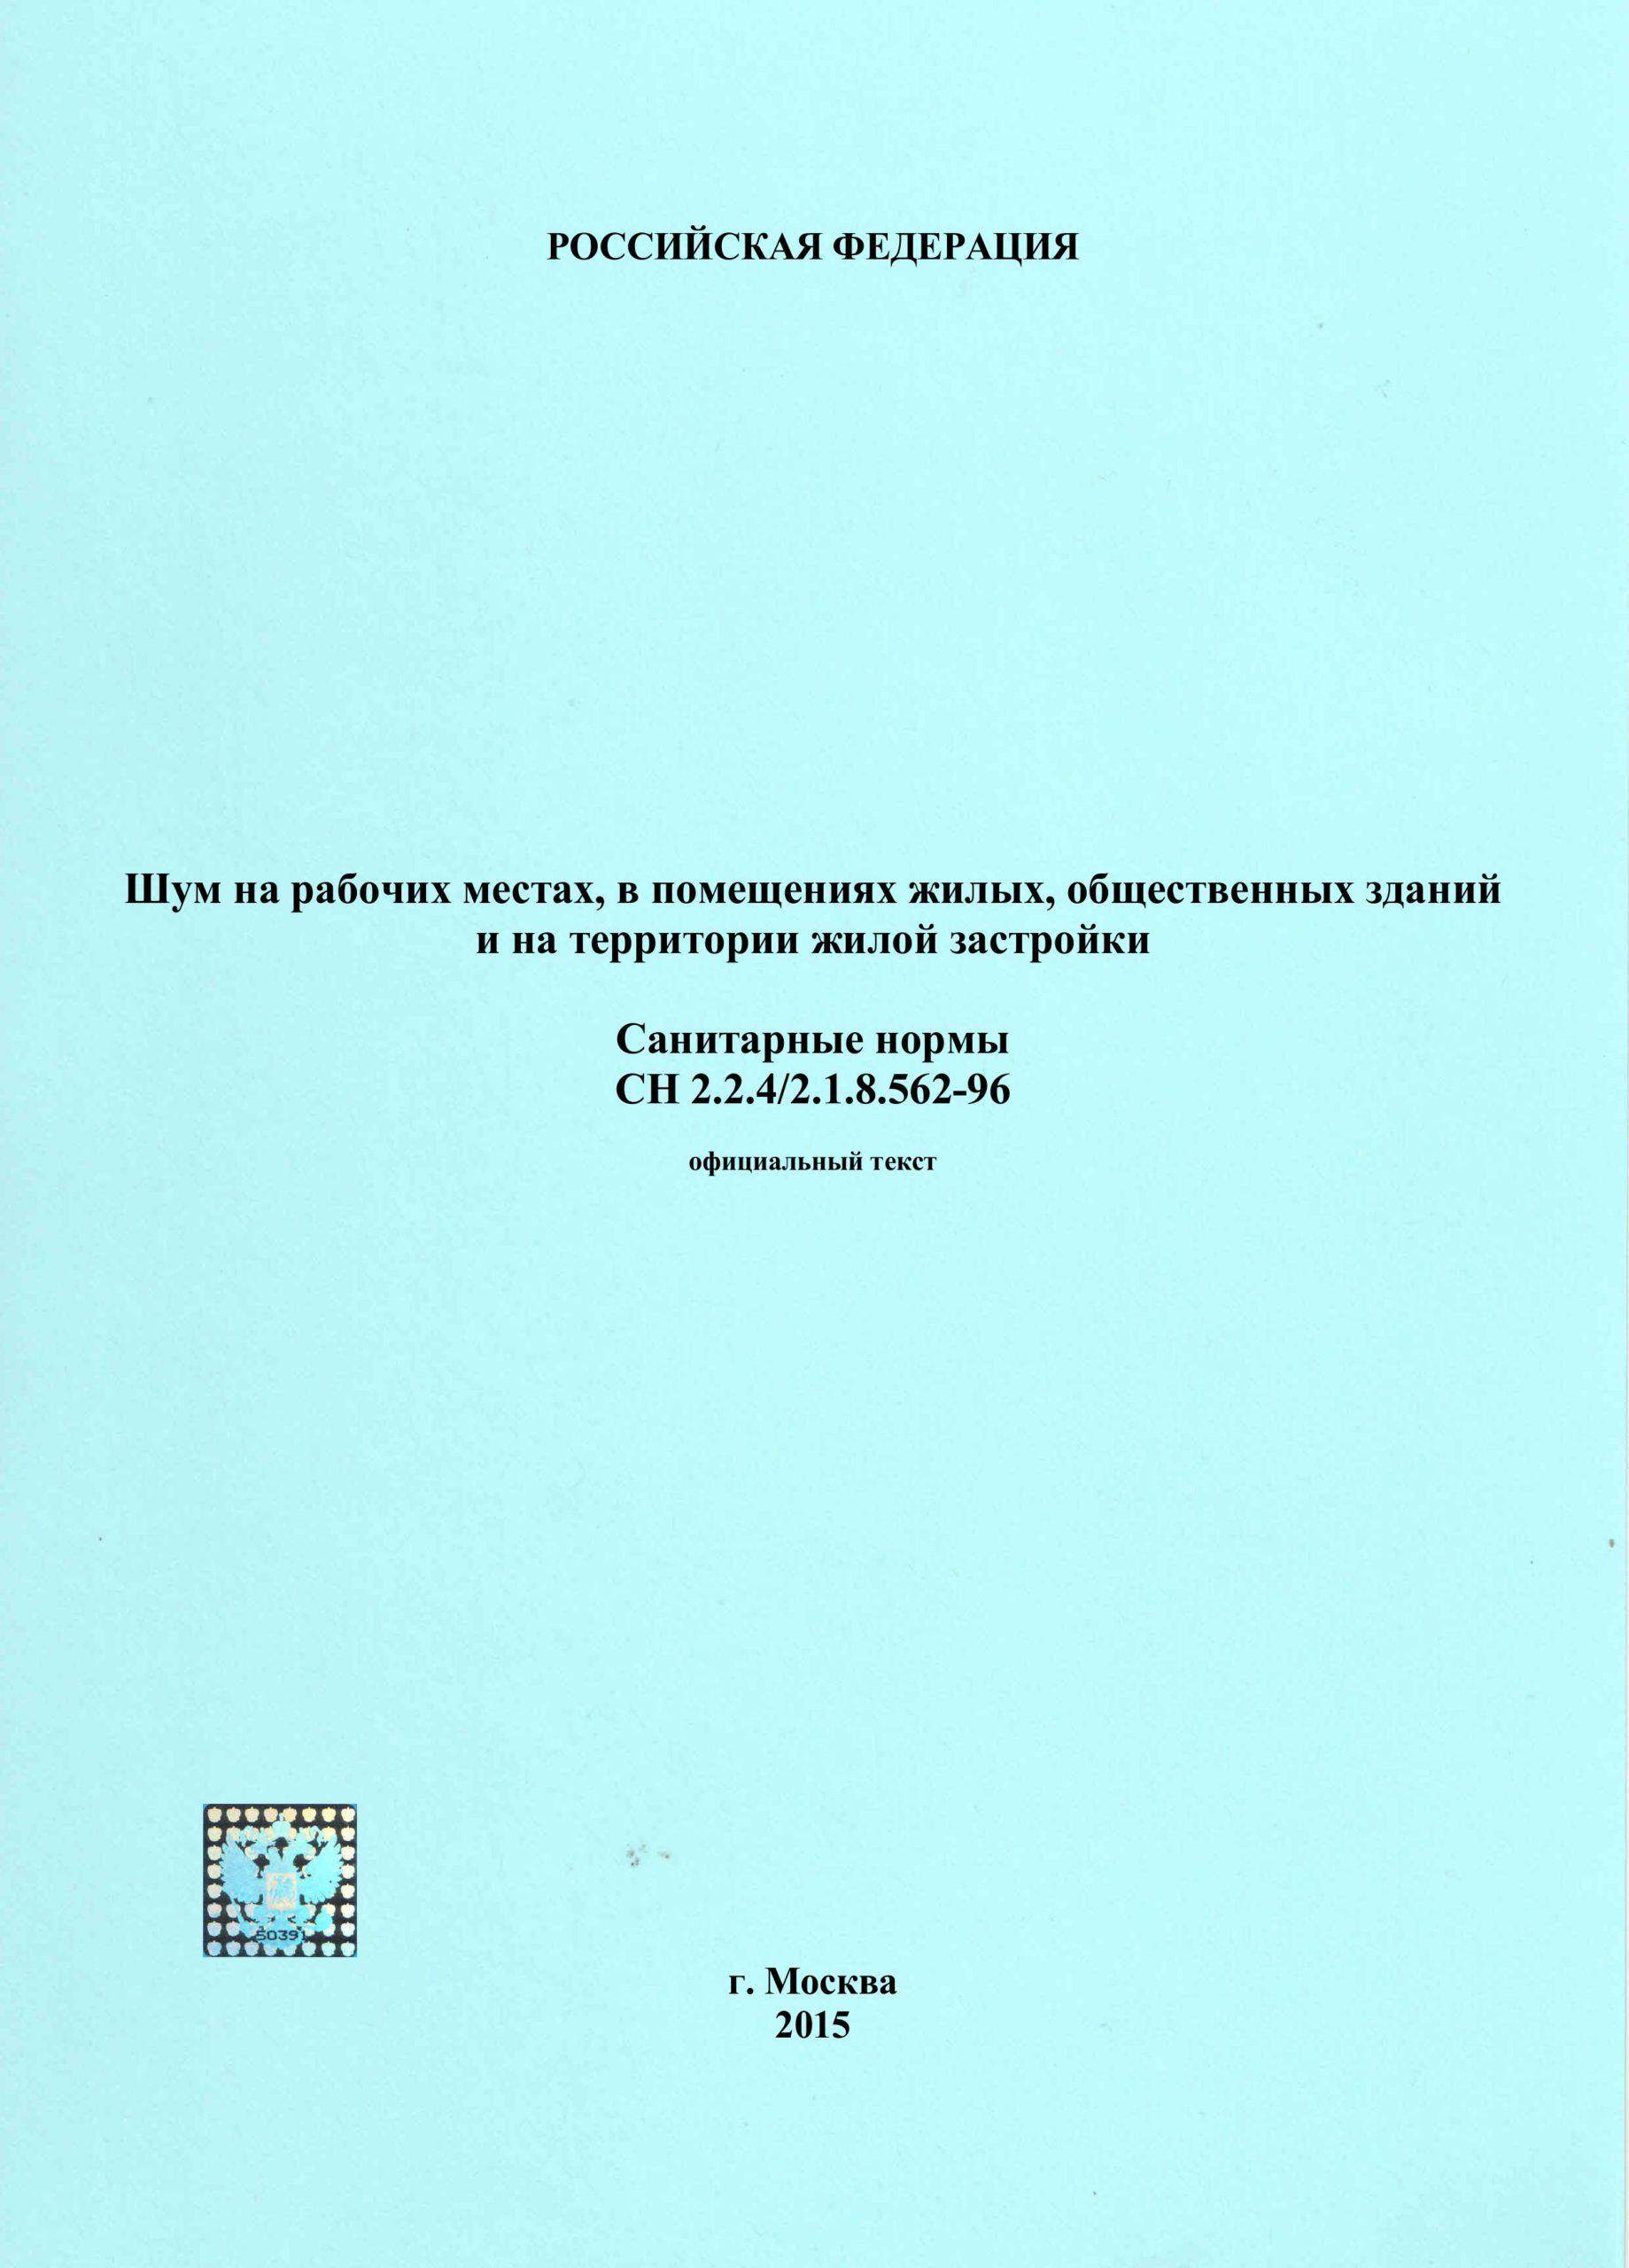 СН 2.2.4/2.1.8.562-96